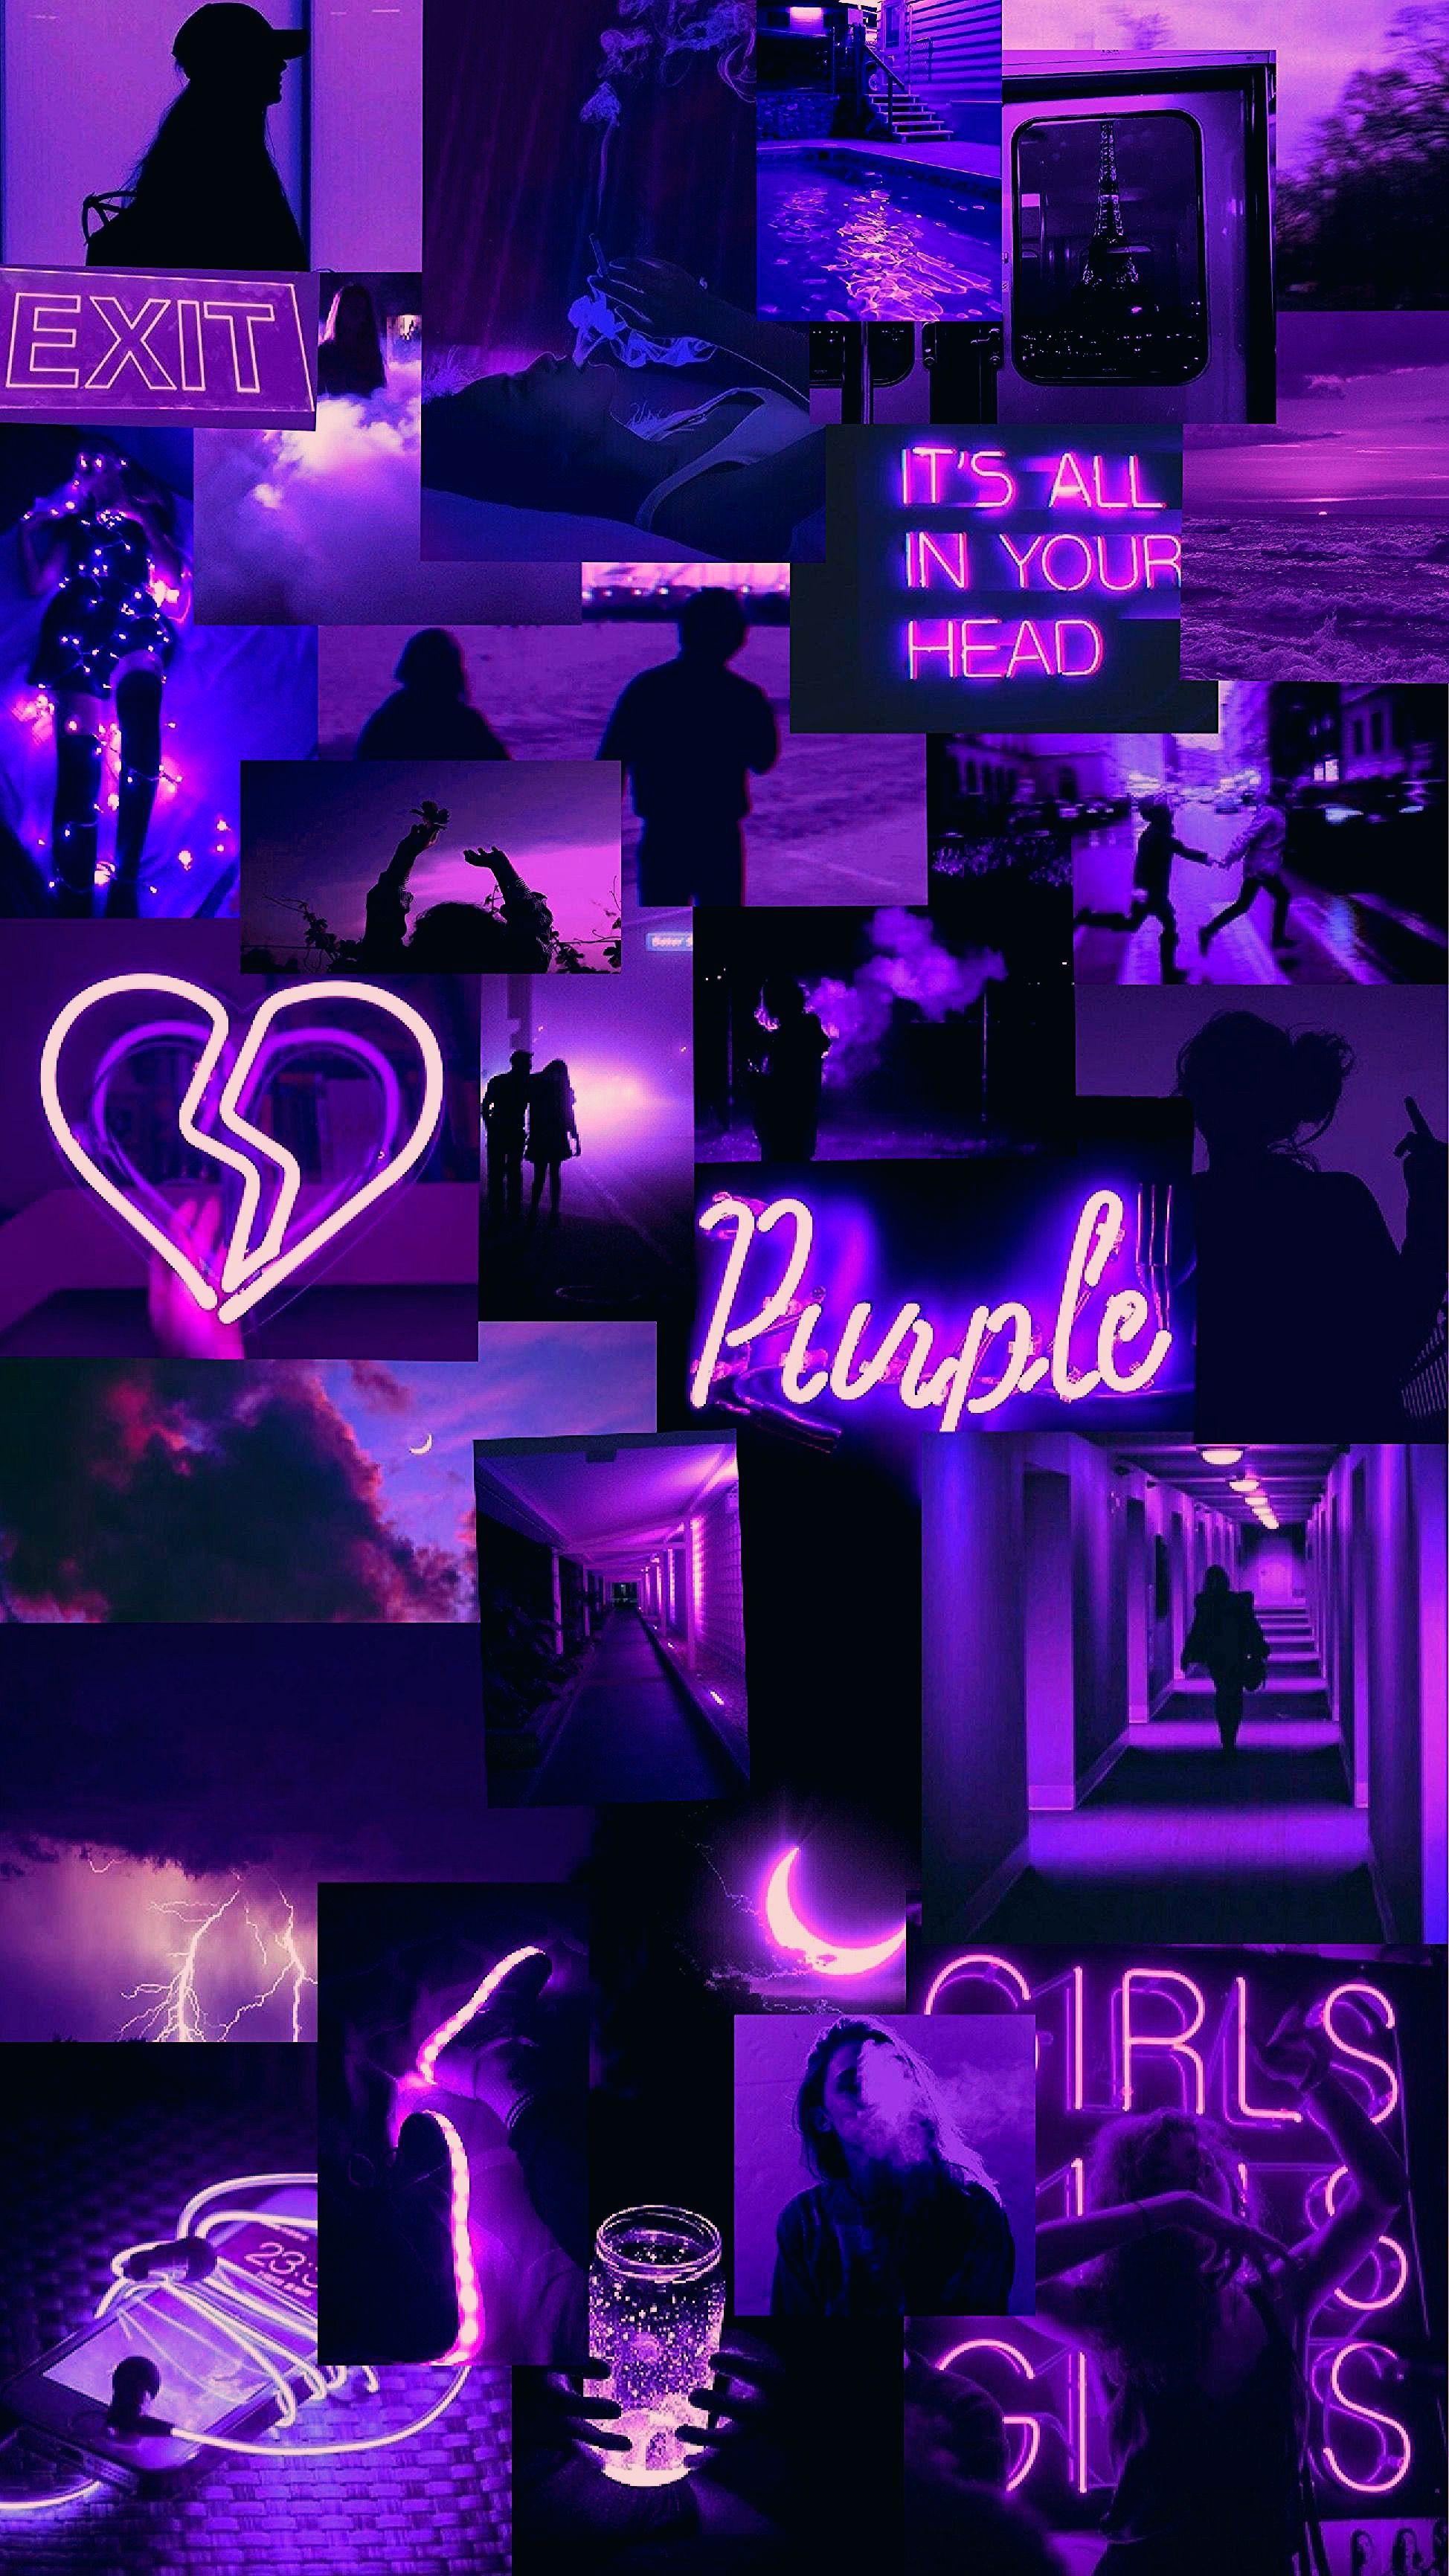 Dark Iphone Neon Purple Aesthetic Wallpaper Dark Iphone Purple Aesthetic Wallpaper Novocom Top dark iphone purple aesthetic wallpaper